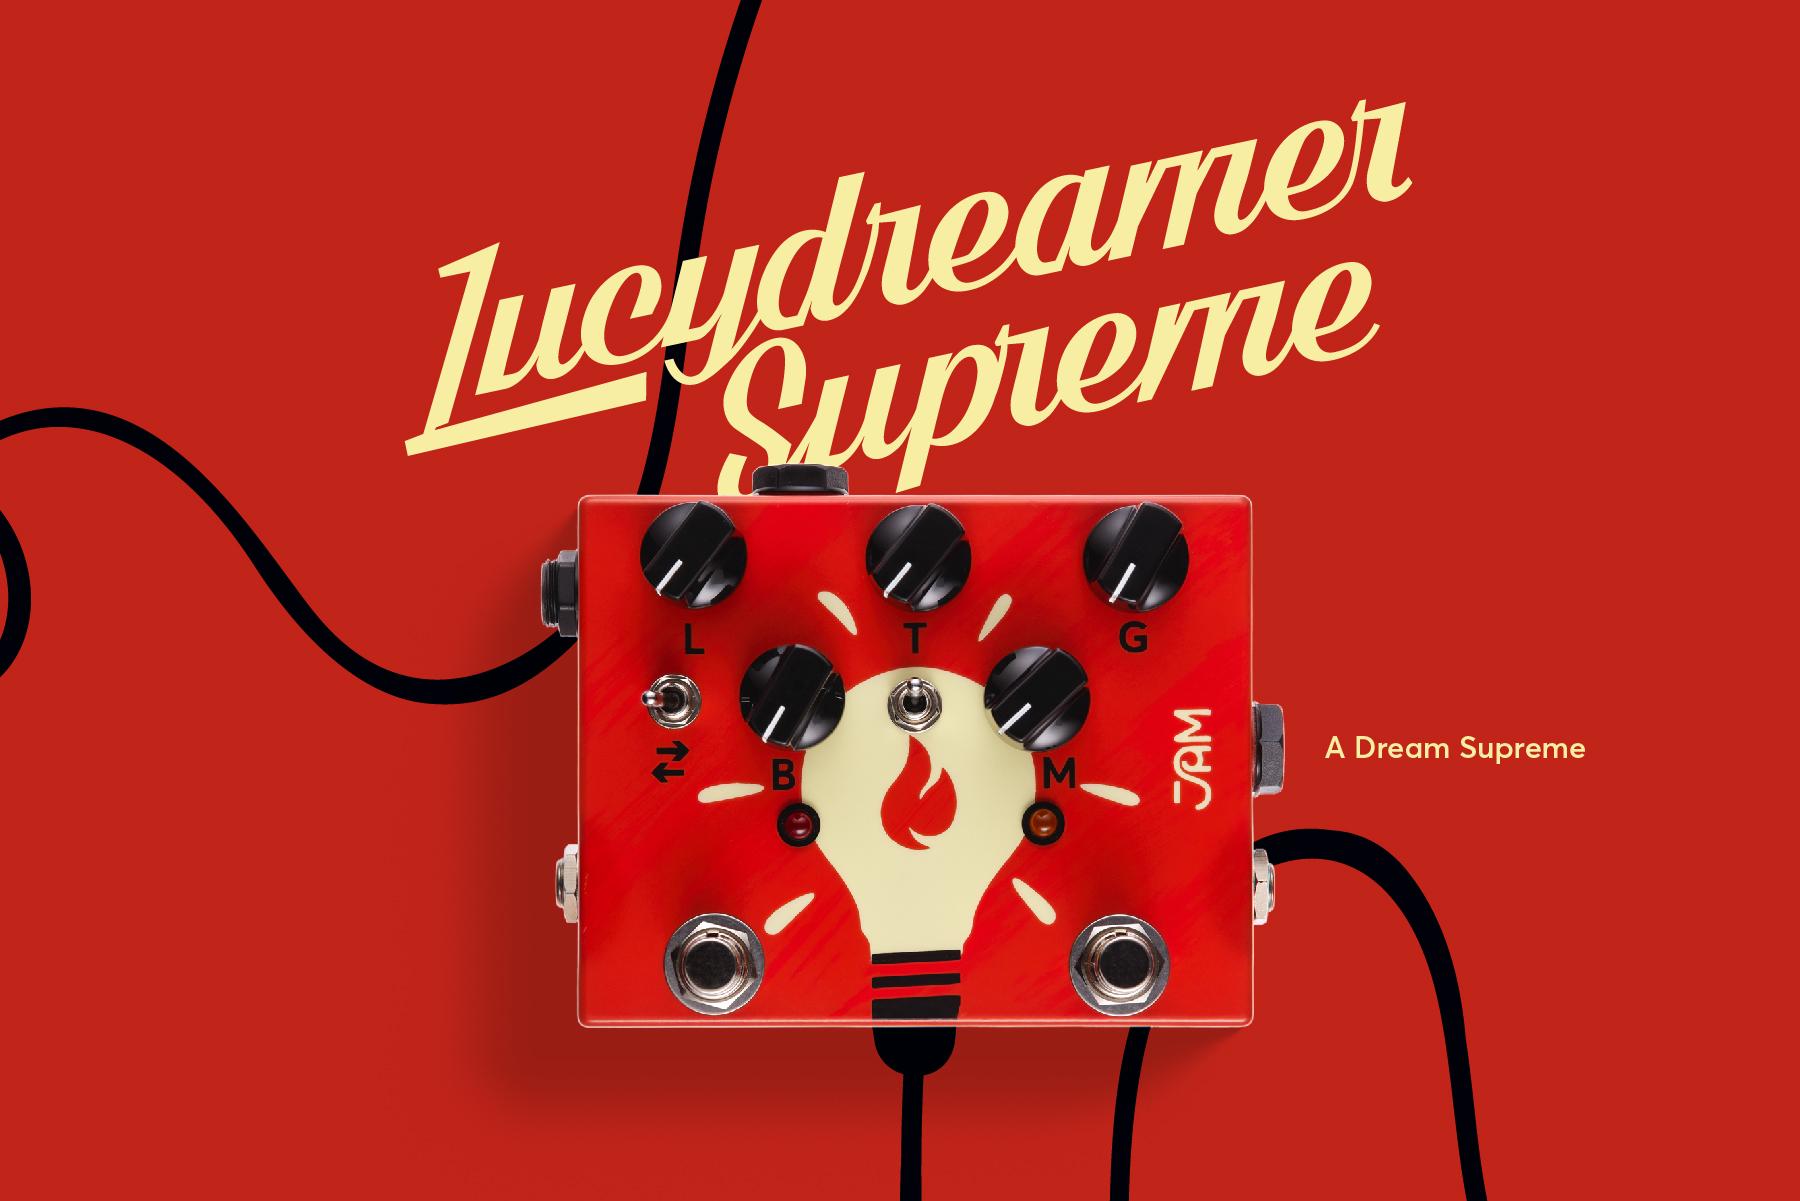 LucyDreamer Supreme